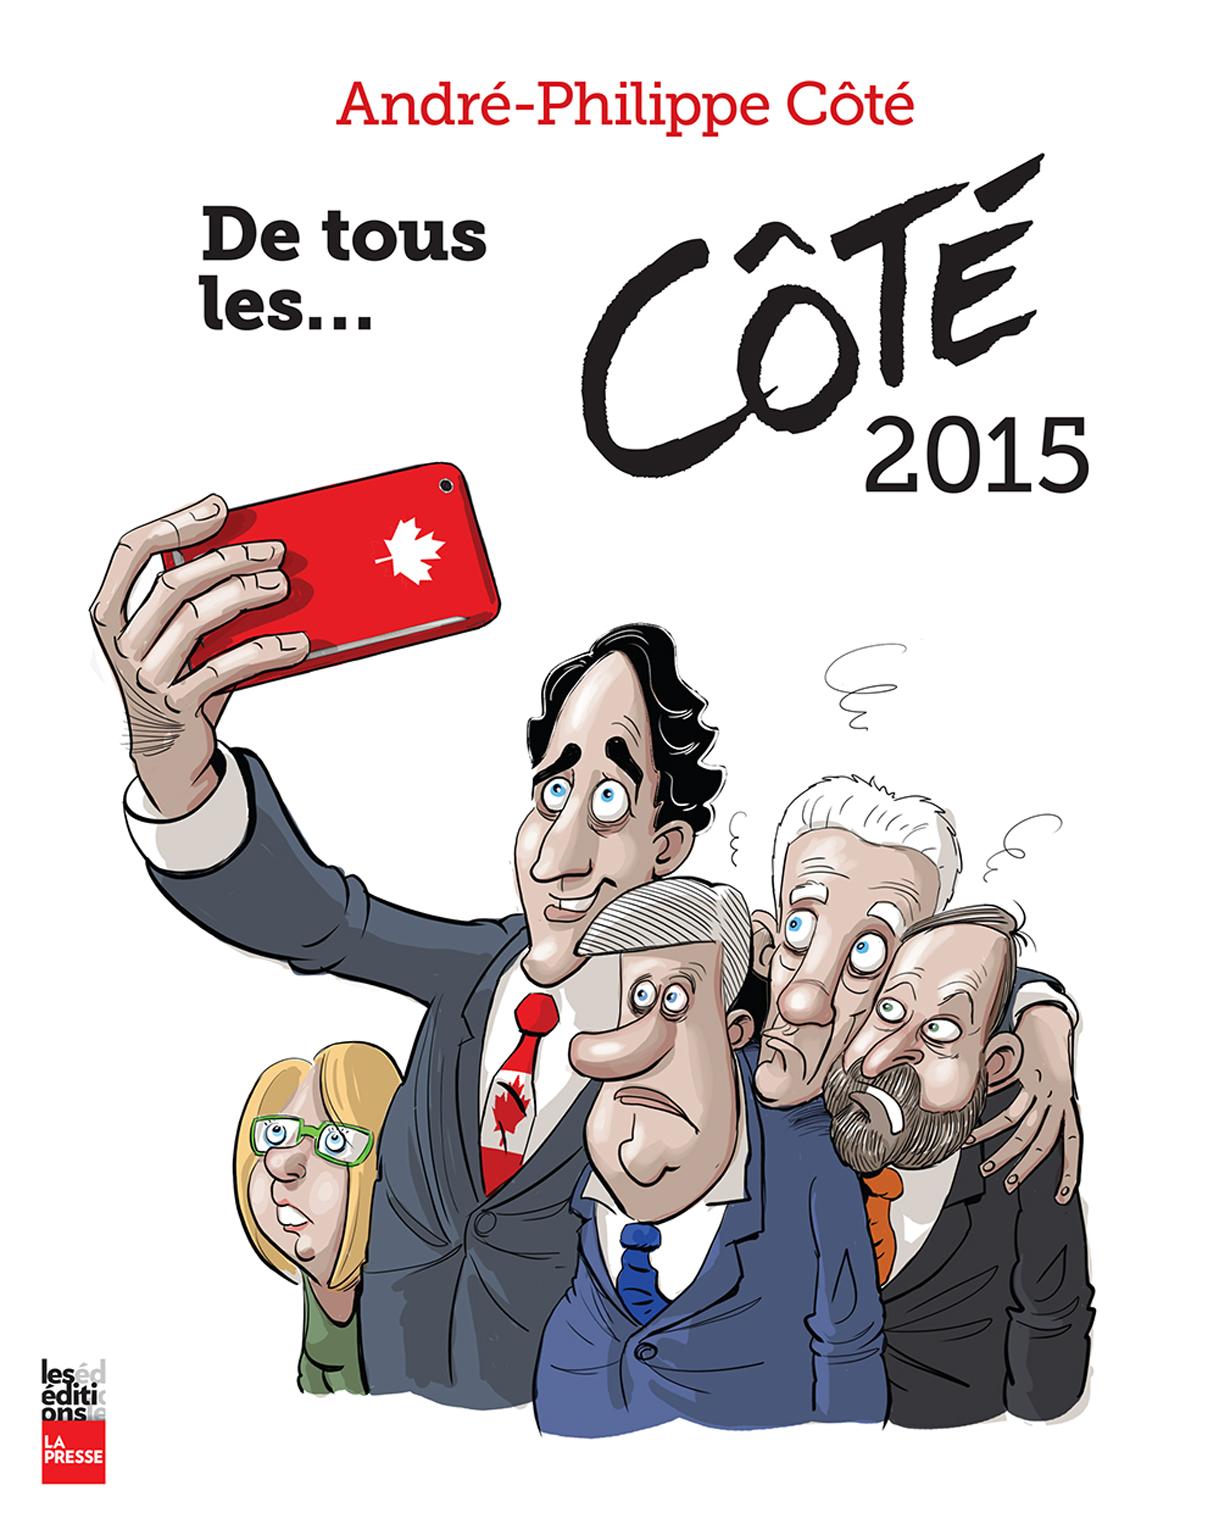 De tous les... Côté 2015